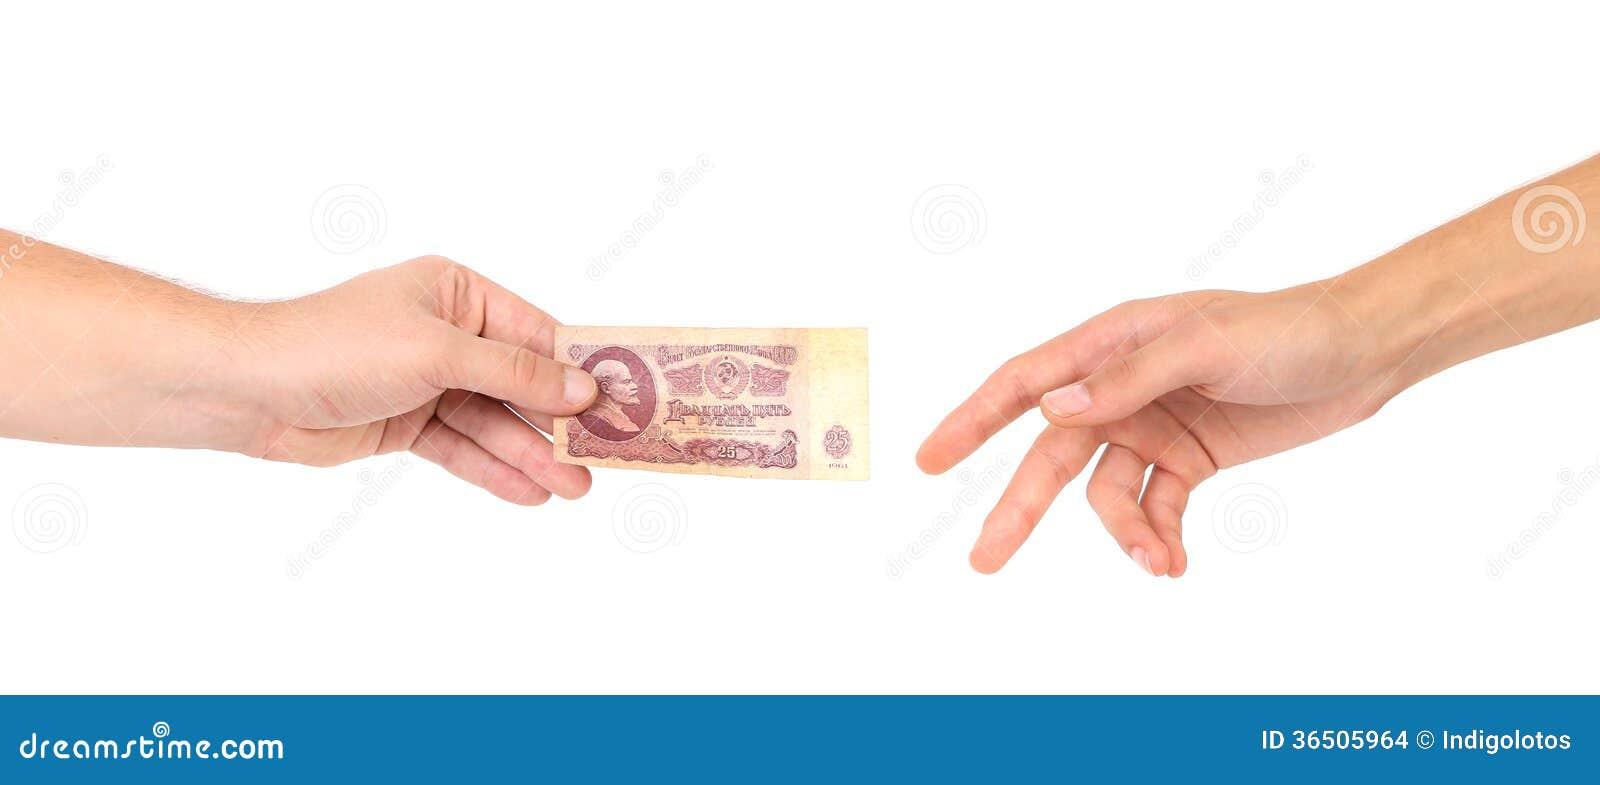 Pięćdziesiąt rubli w rękach.